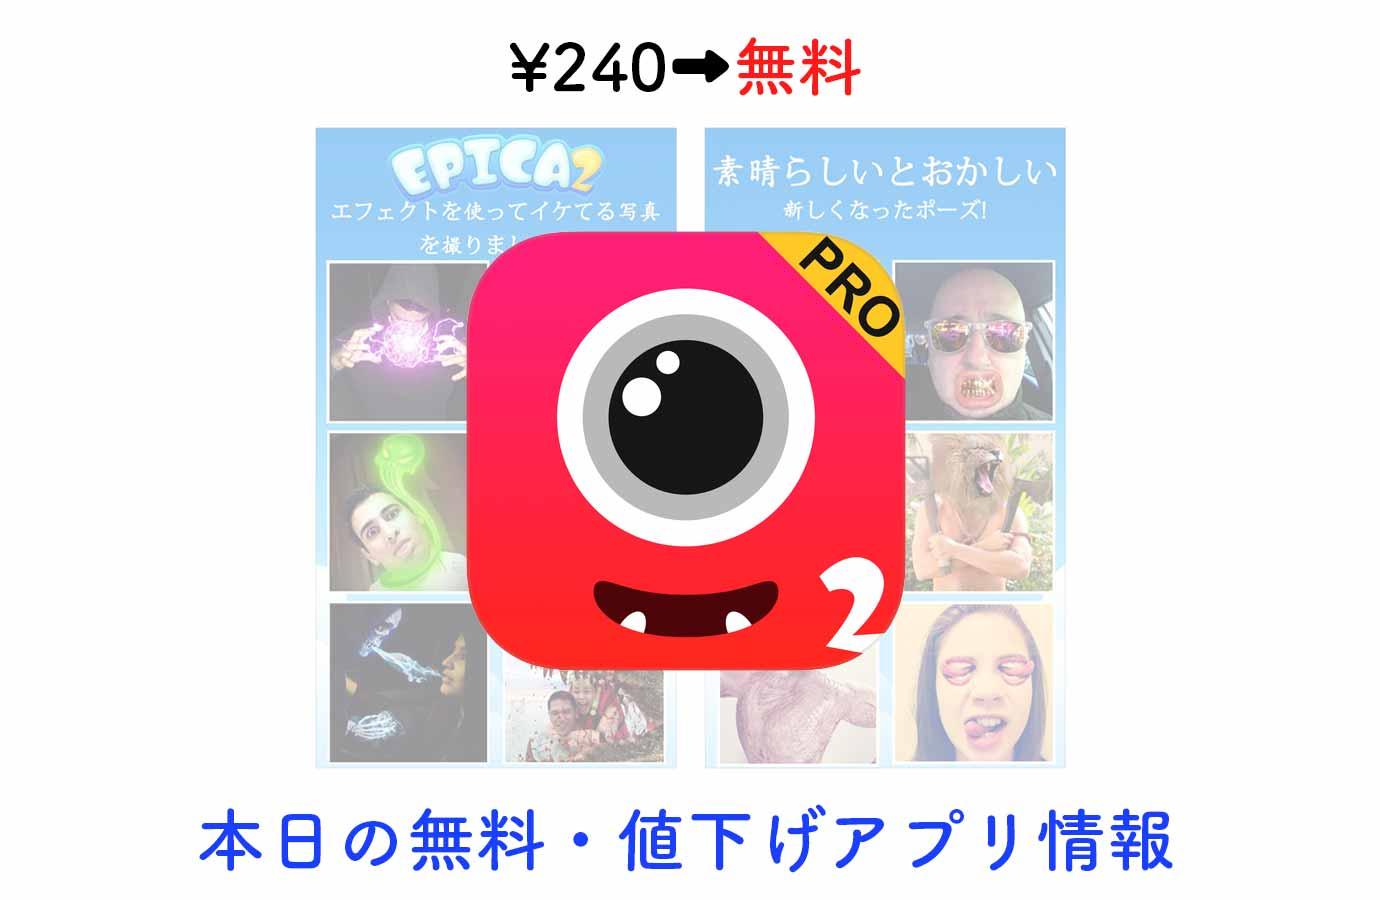 ¥240→無料、面白おかしい合成写真が作れるアプリ「Epica 2 Pro」など【9/28】本日の無料・値下げアプリ情報